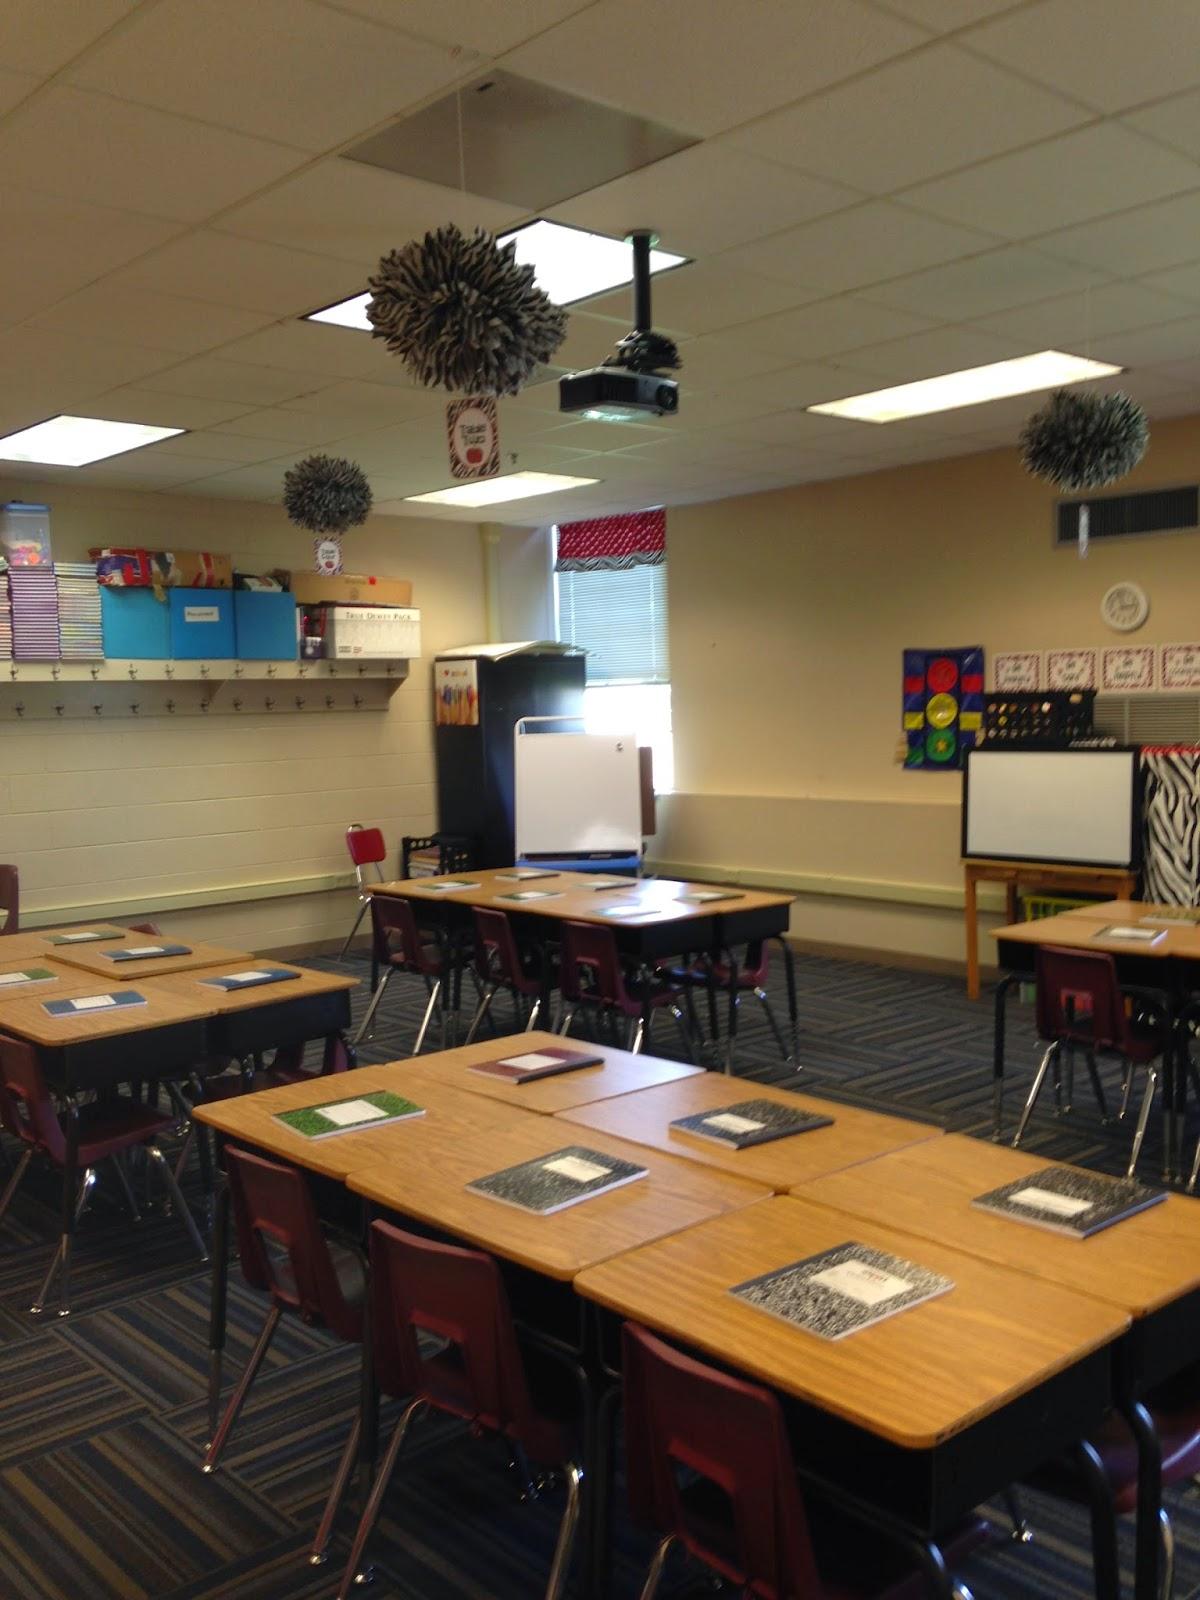 Teachesthirdingeorgia Classroom Reveal 2014 2015